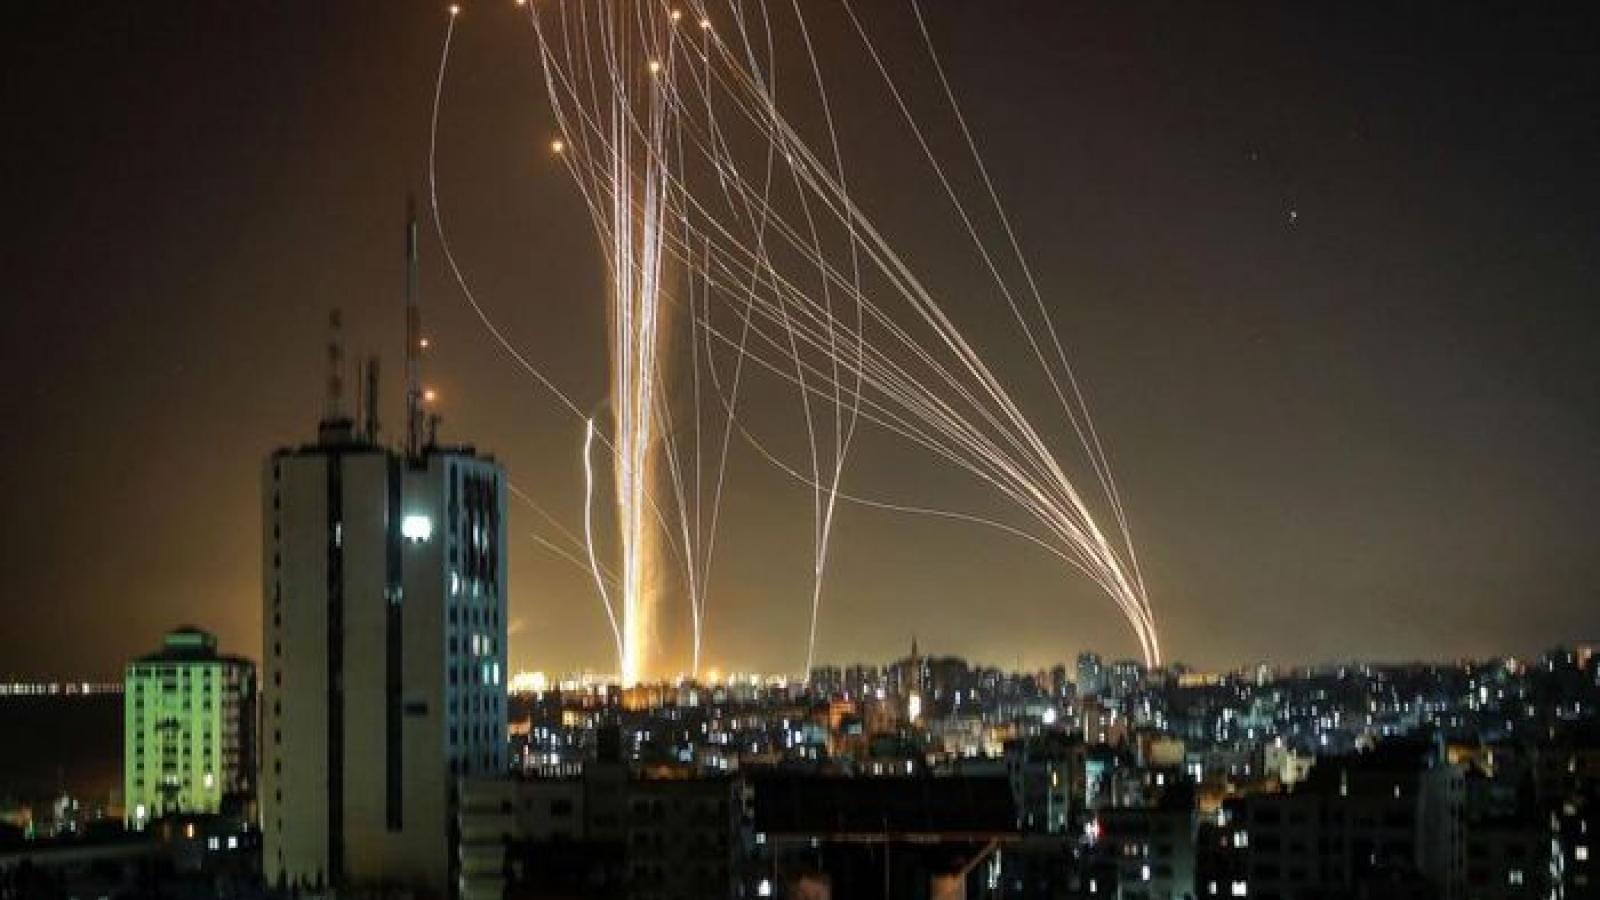 Xung đột Israel- Palestine tăng nhiệt, HĐBA LHQ xem xét họp khẩn lần thứ 3